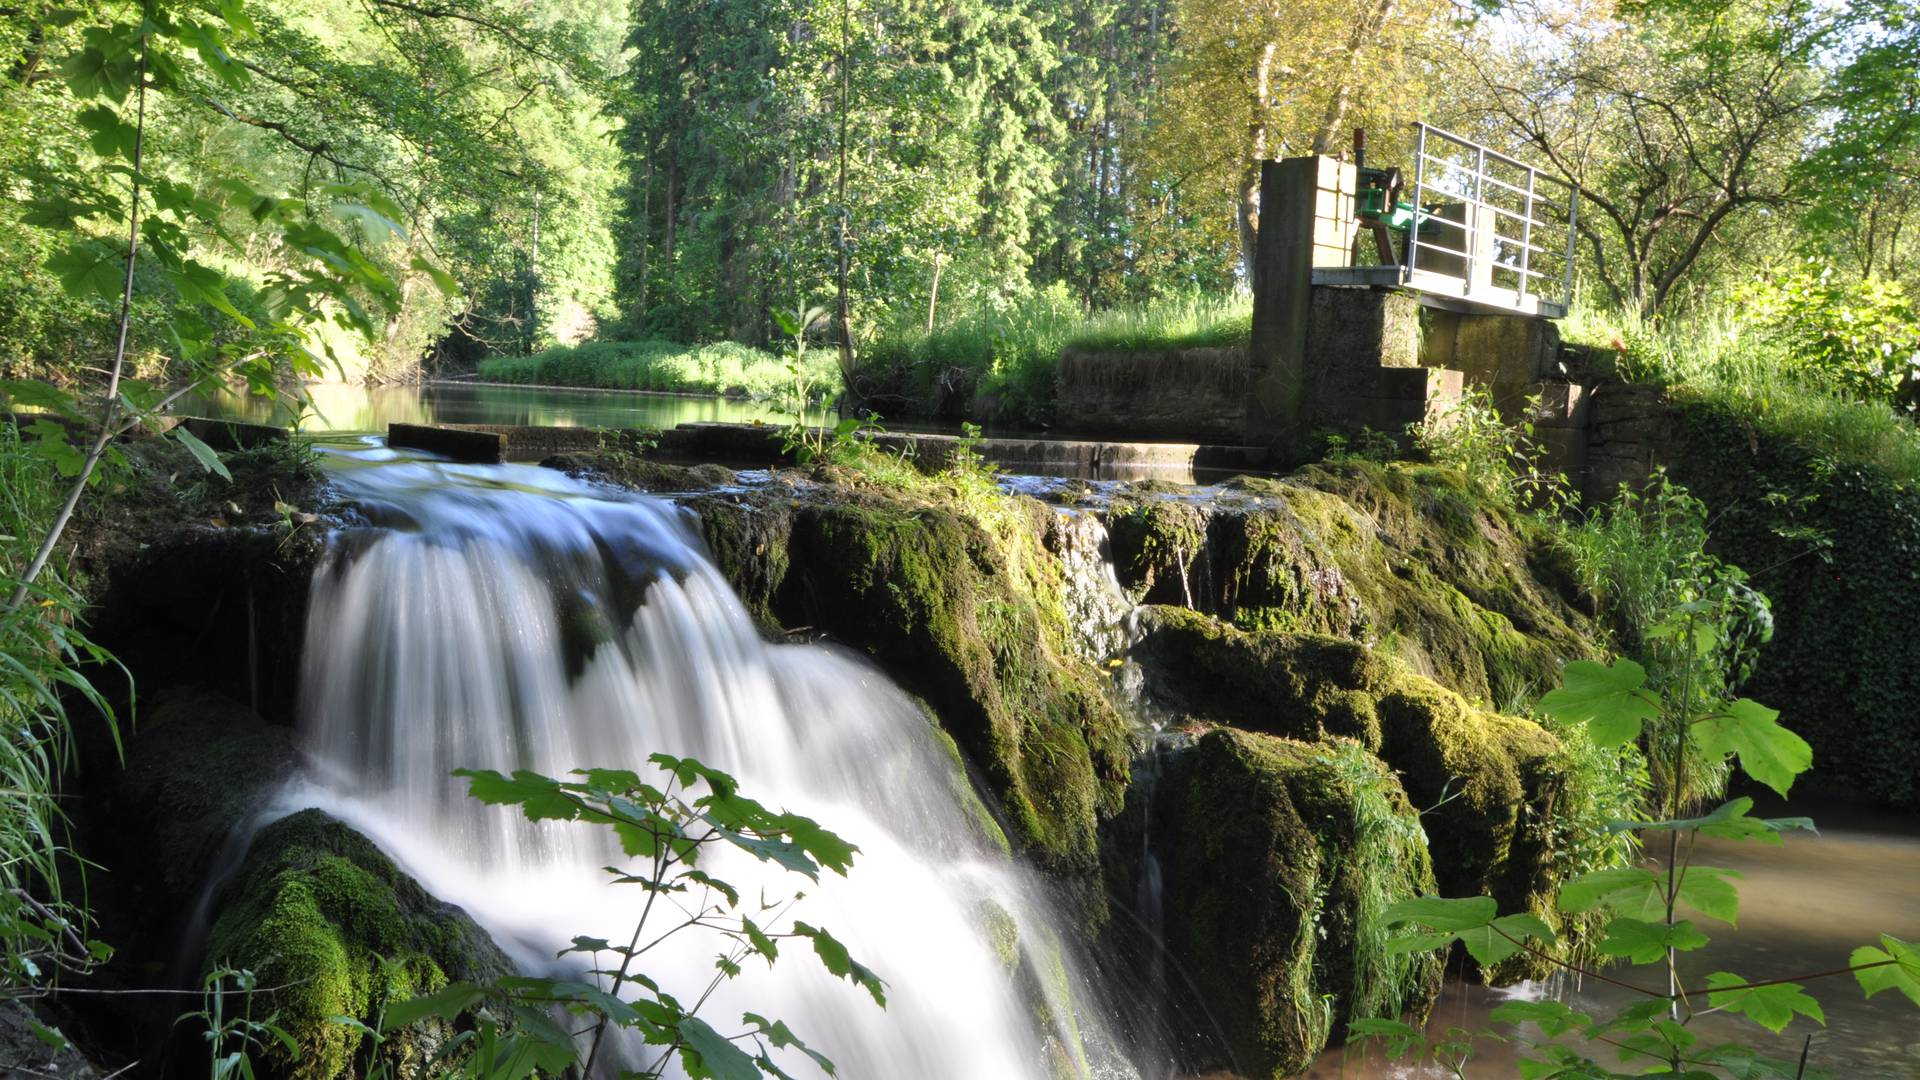 Ruisseau le Hoyoux - copyright S. Pêcheur